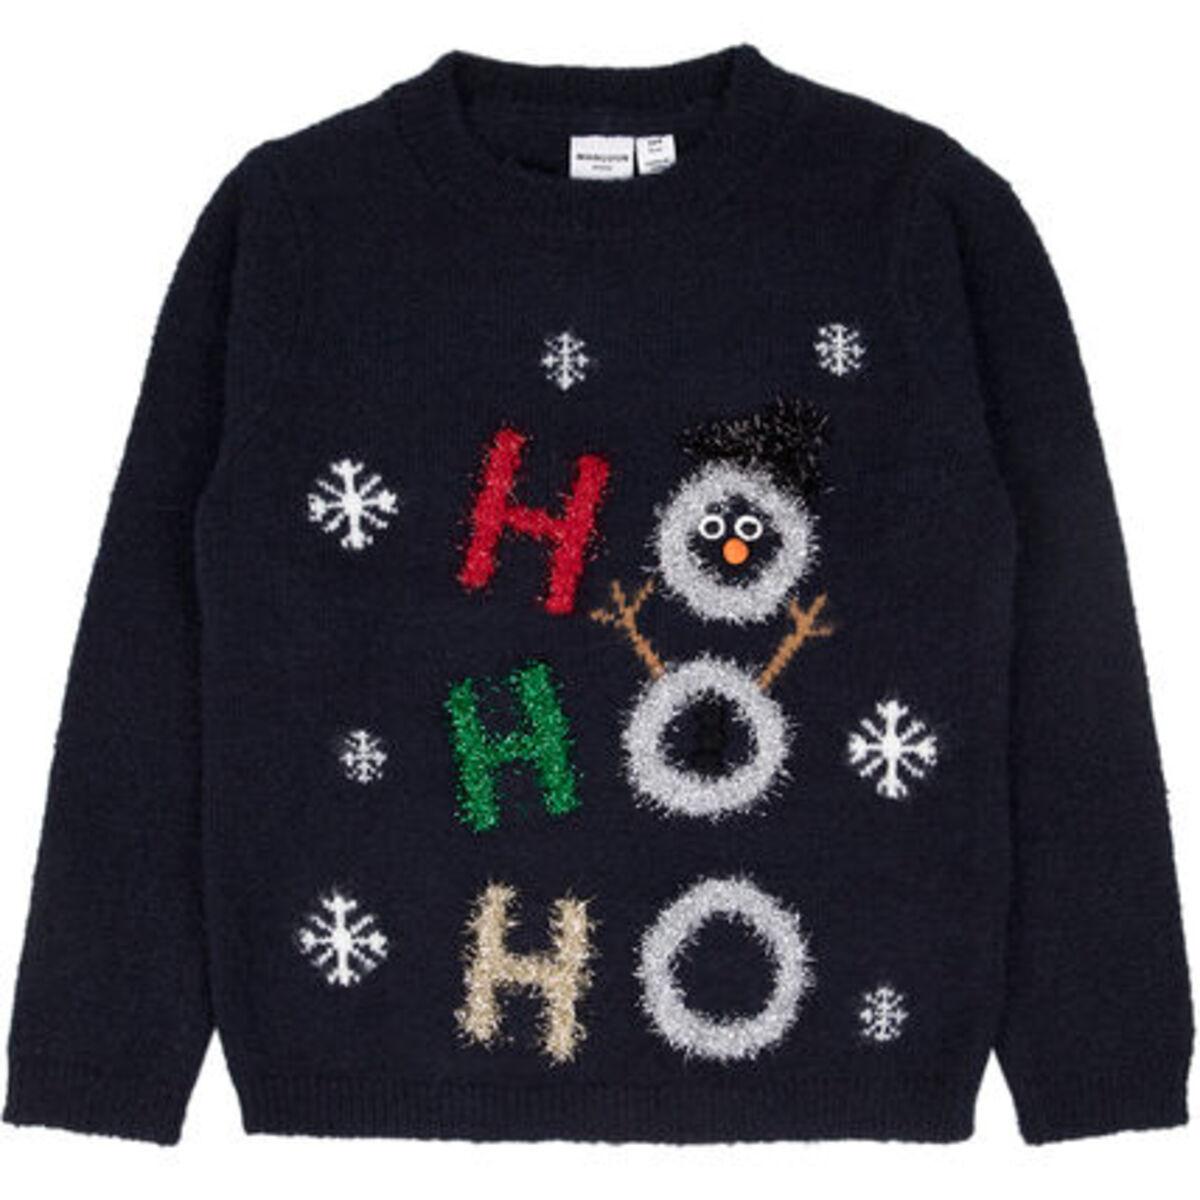 Bild 1 von MANGUUN Weihnachtspullover, Glitzerapplikationen, für Mädchen